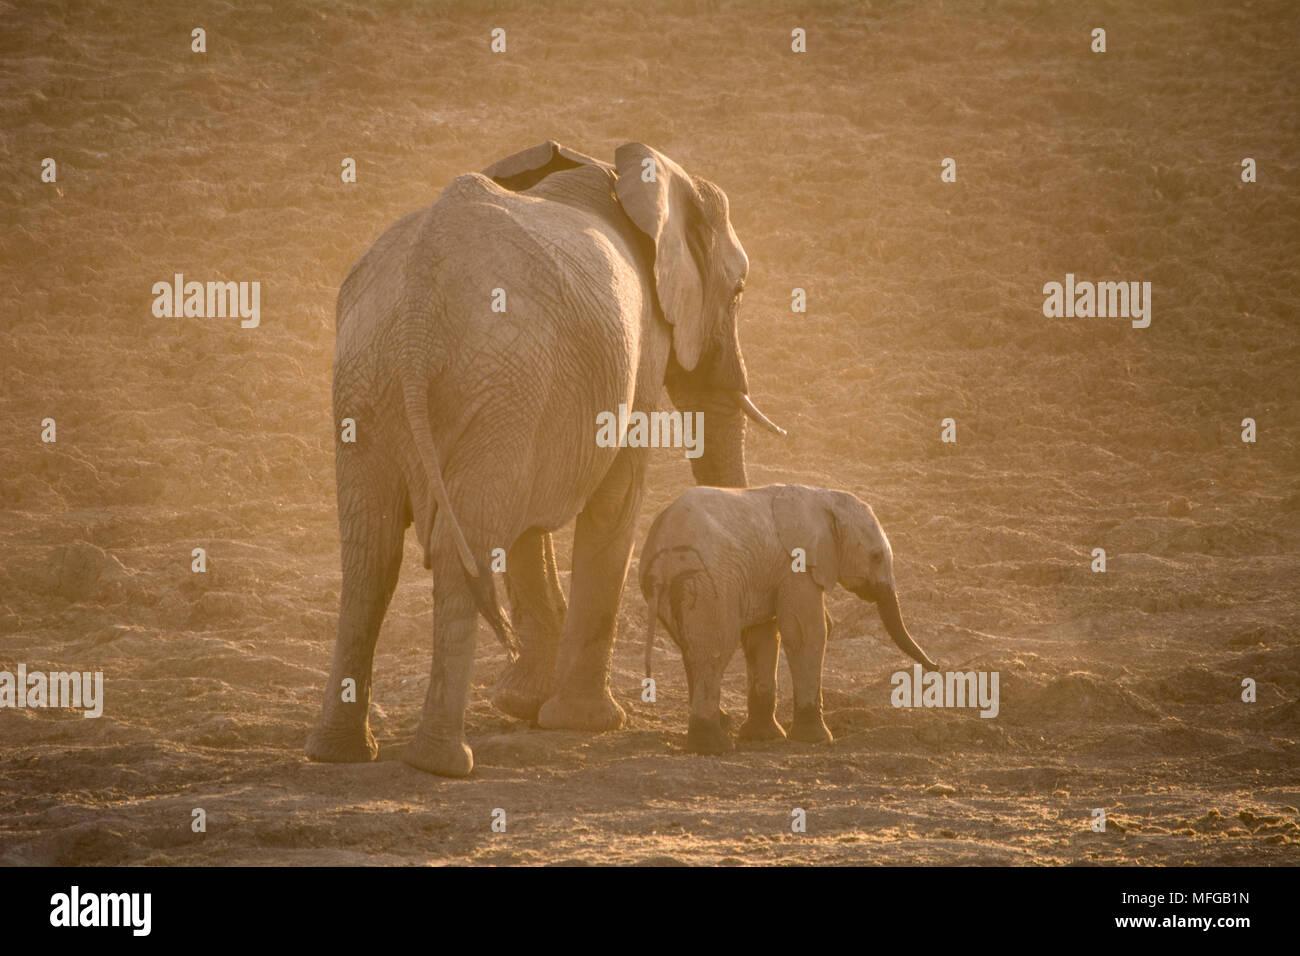 Mutter und Kalb Elefanten wandern ab in die untergehende Sonne Stockbild